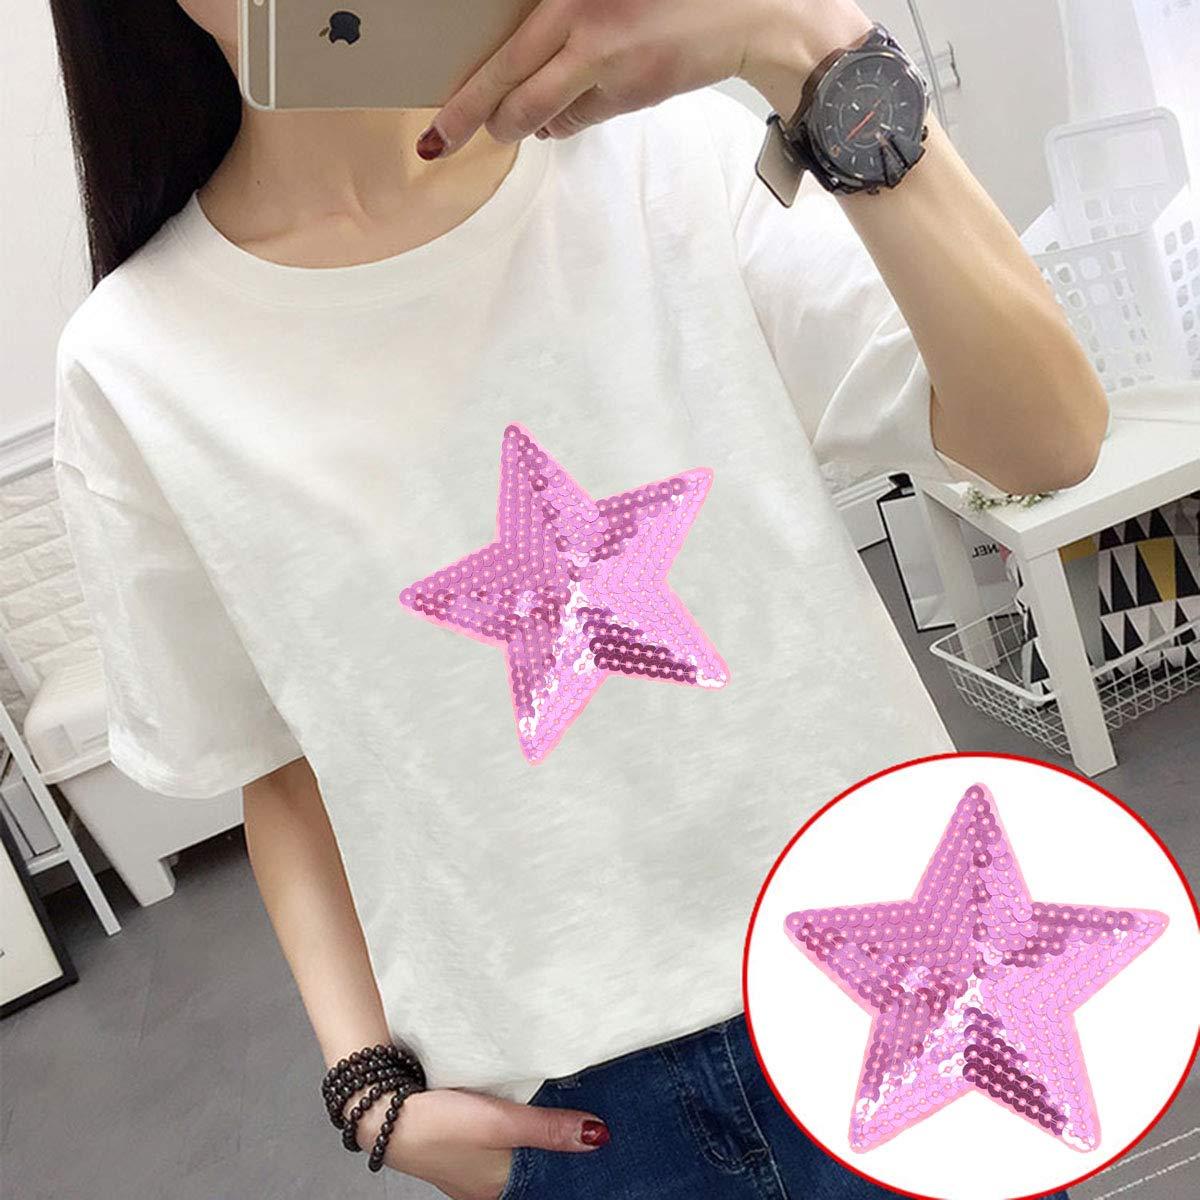 ropa bricolaje 10 piezas Supvox Pegatinas de tela bordada con lentejuelas Parches de estrellas de cinco puntas